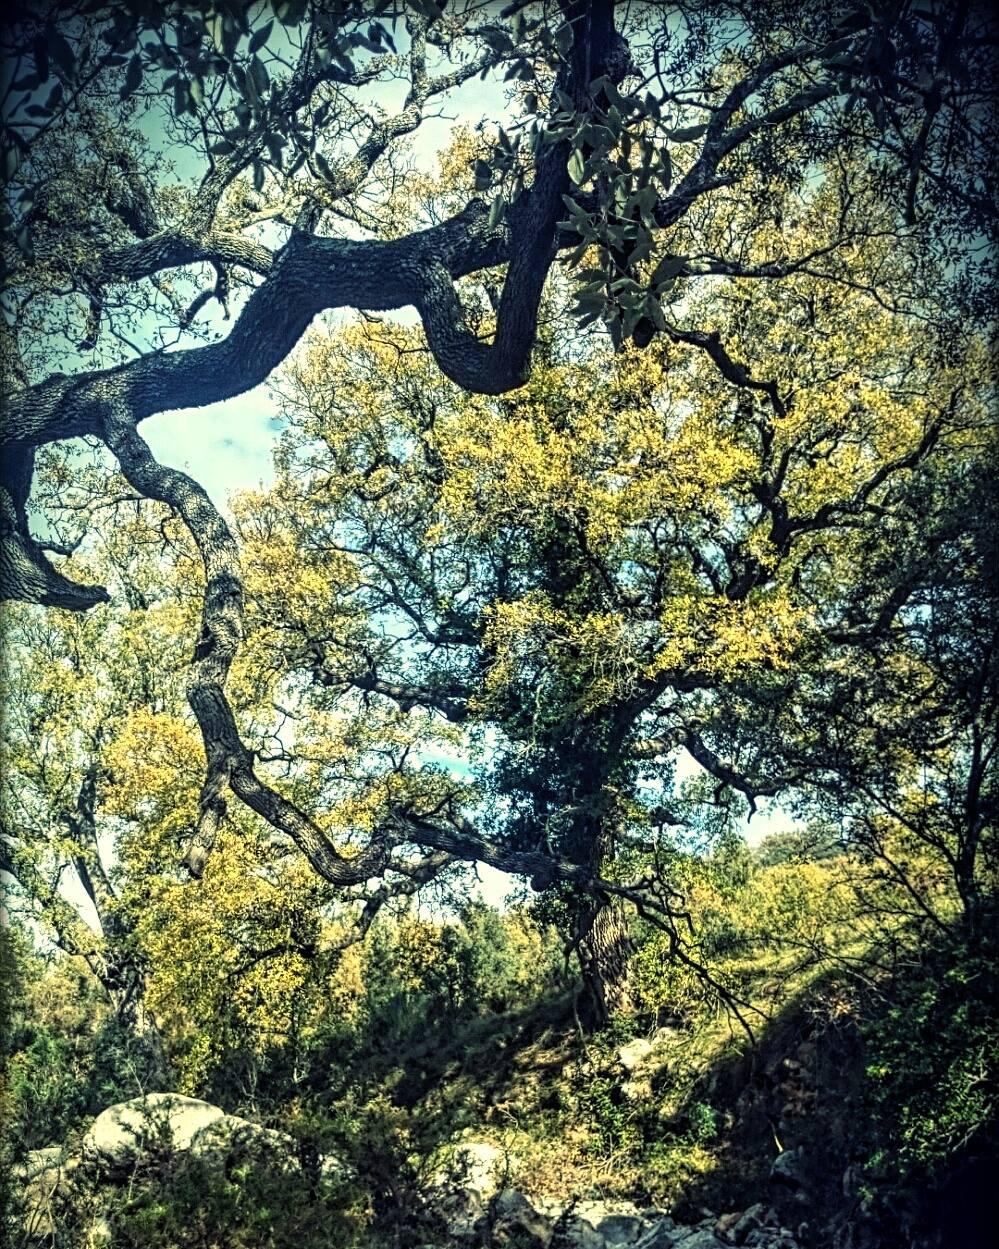 El bosque del Barranc dels Horts. Autor, Toni Ávila